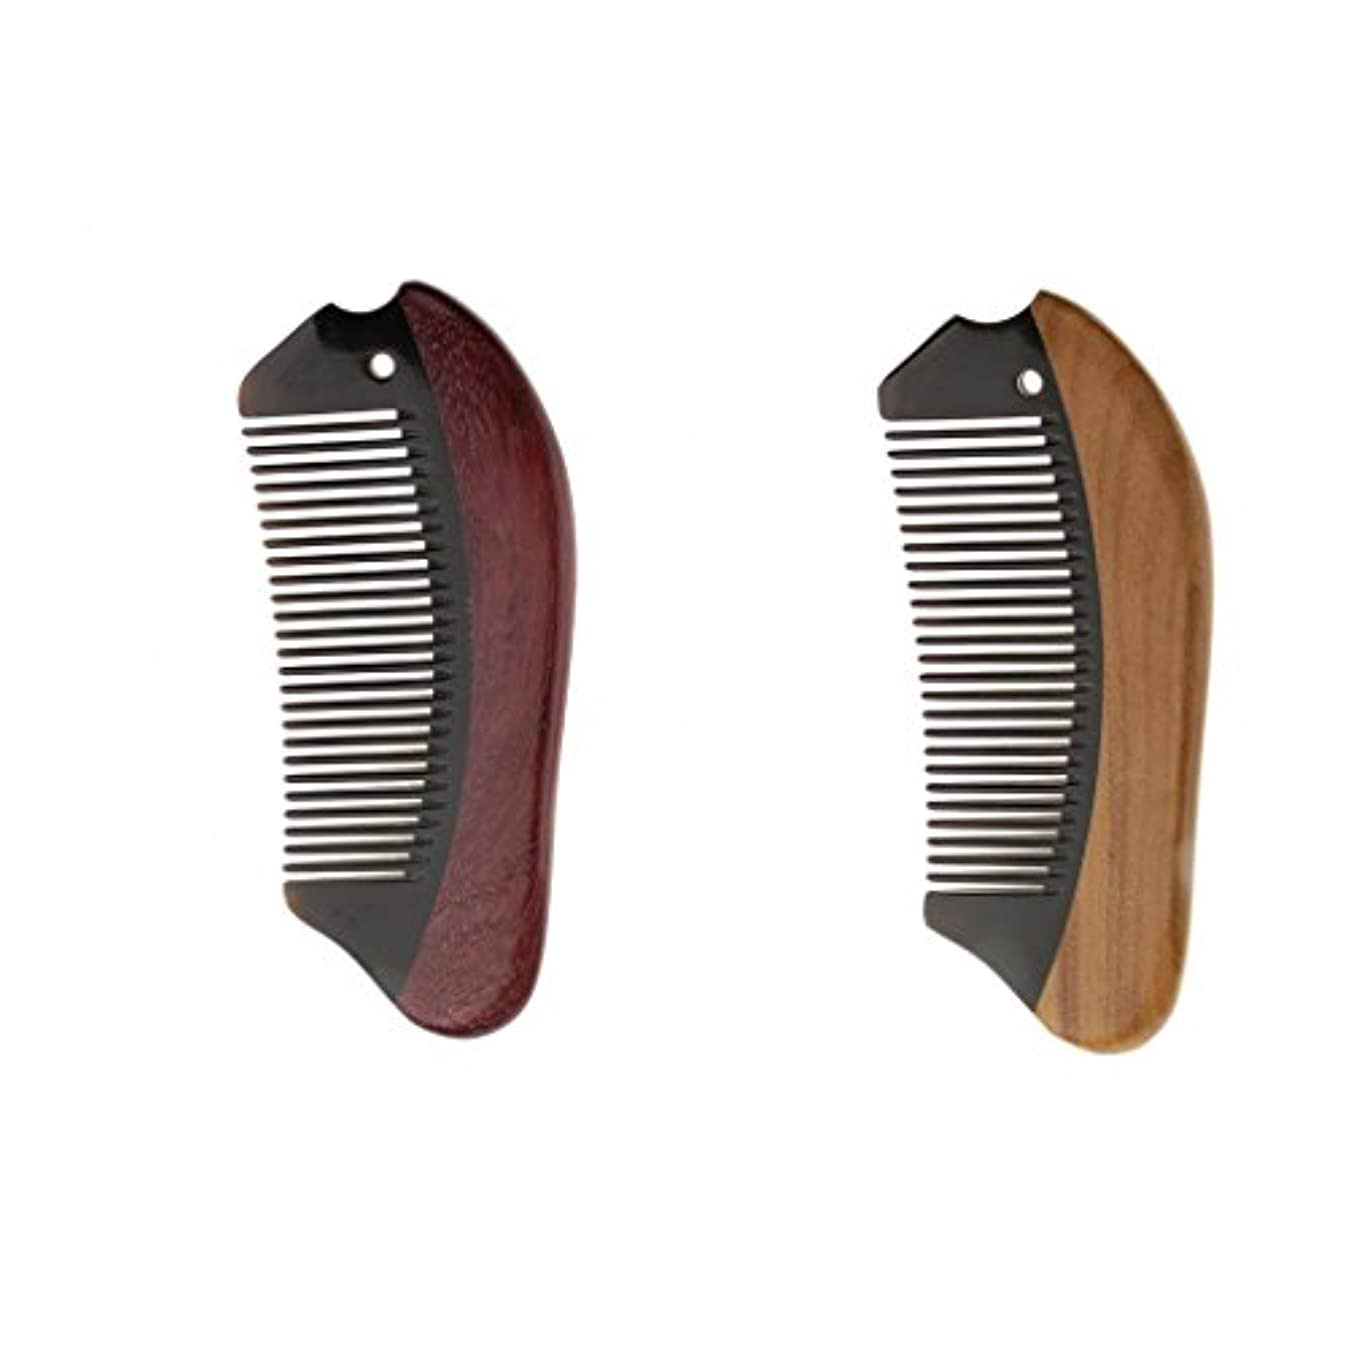 ペンダントそして毒液KOZEEY 2個 木製 櫛 コーム ヘアダイコーム ブラシ 静電気防止 マッサージ 滑らか 快適